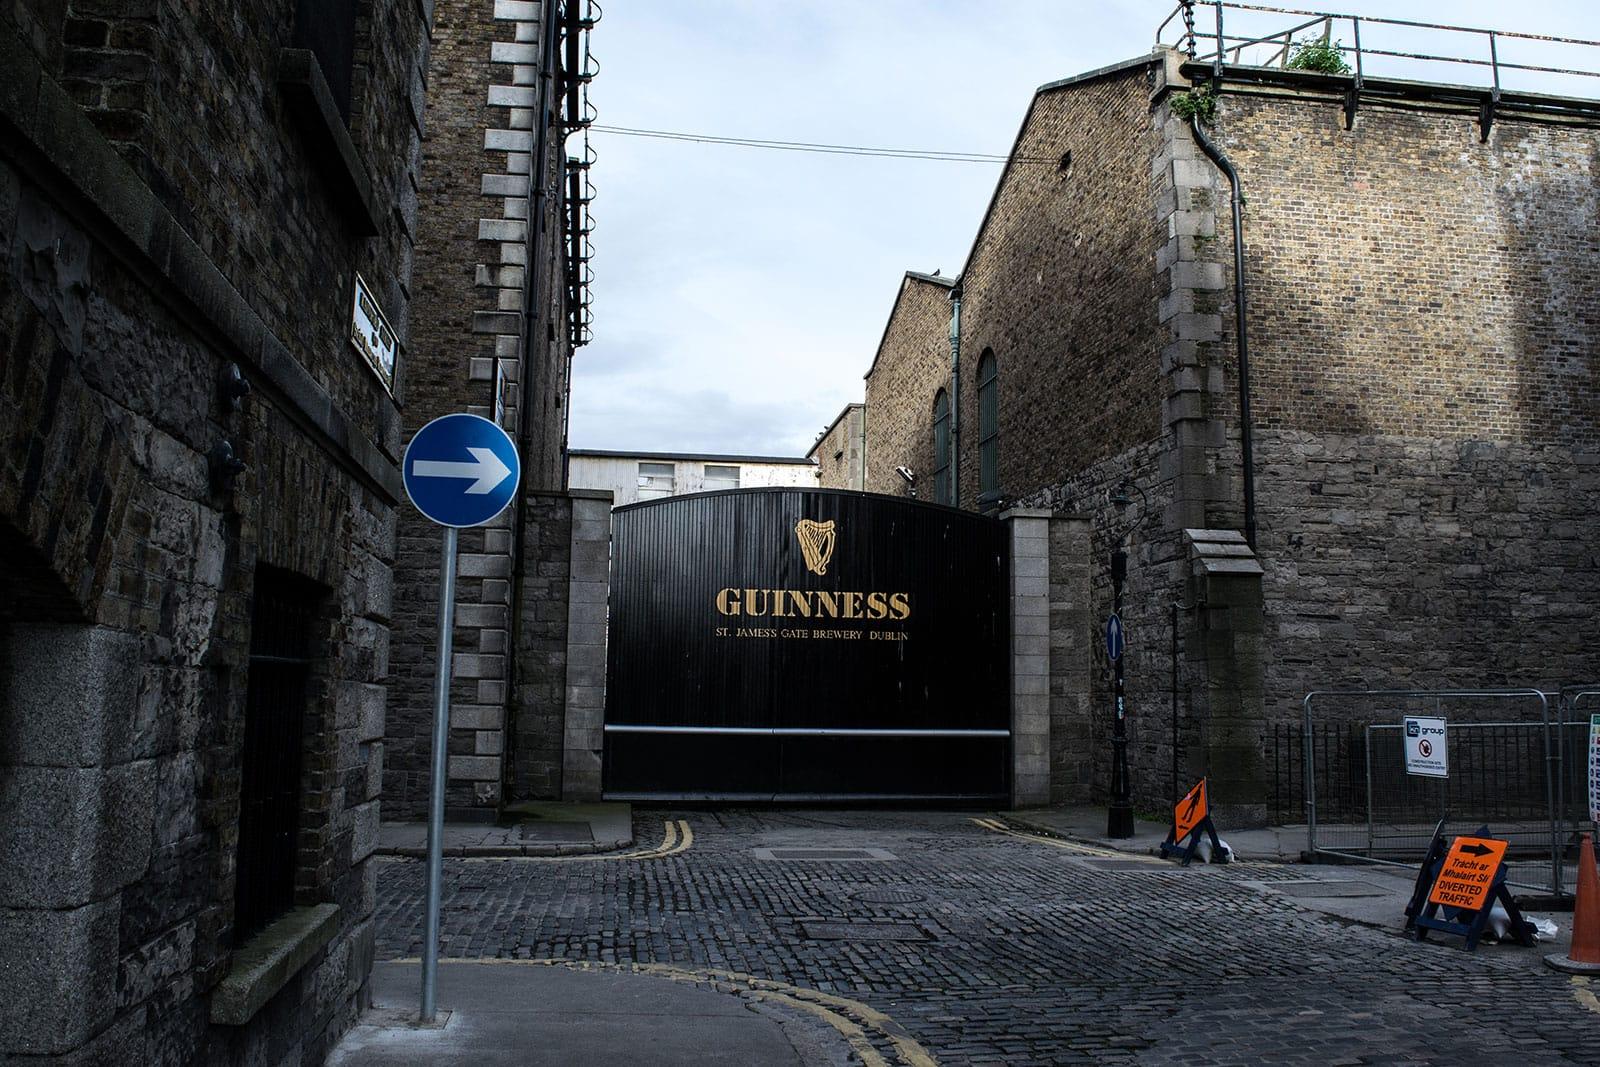 Stedentrip Dublin - Guinness Storehouse